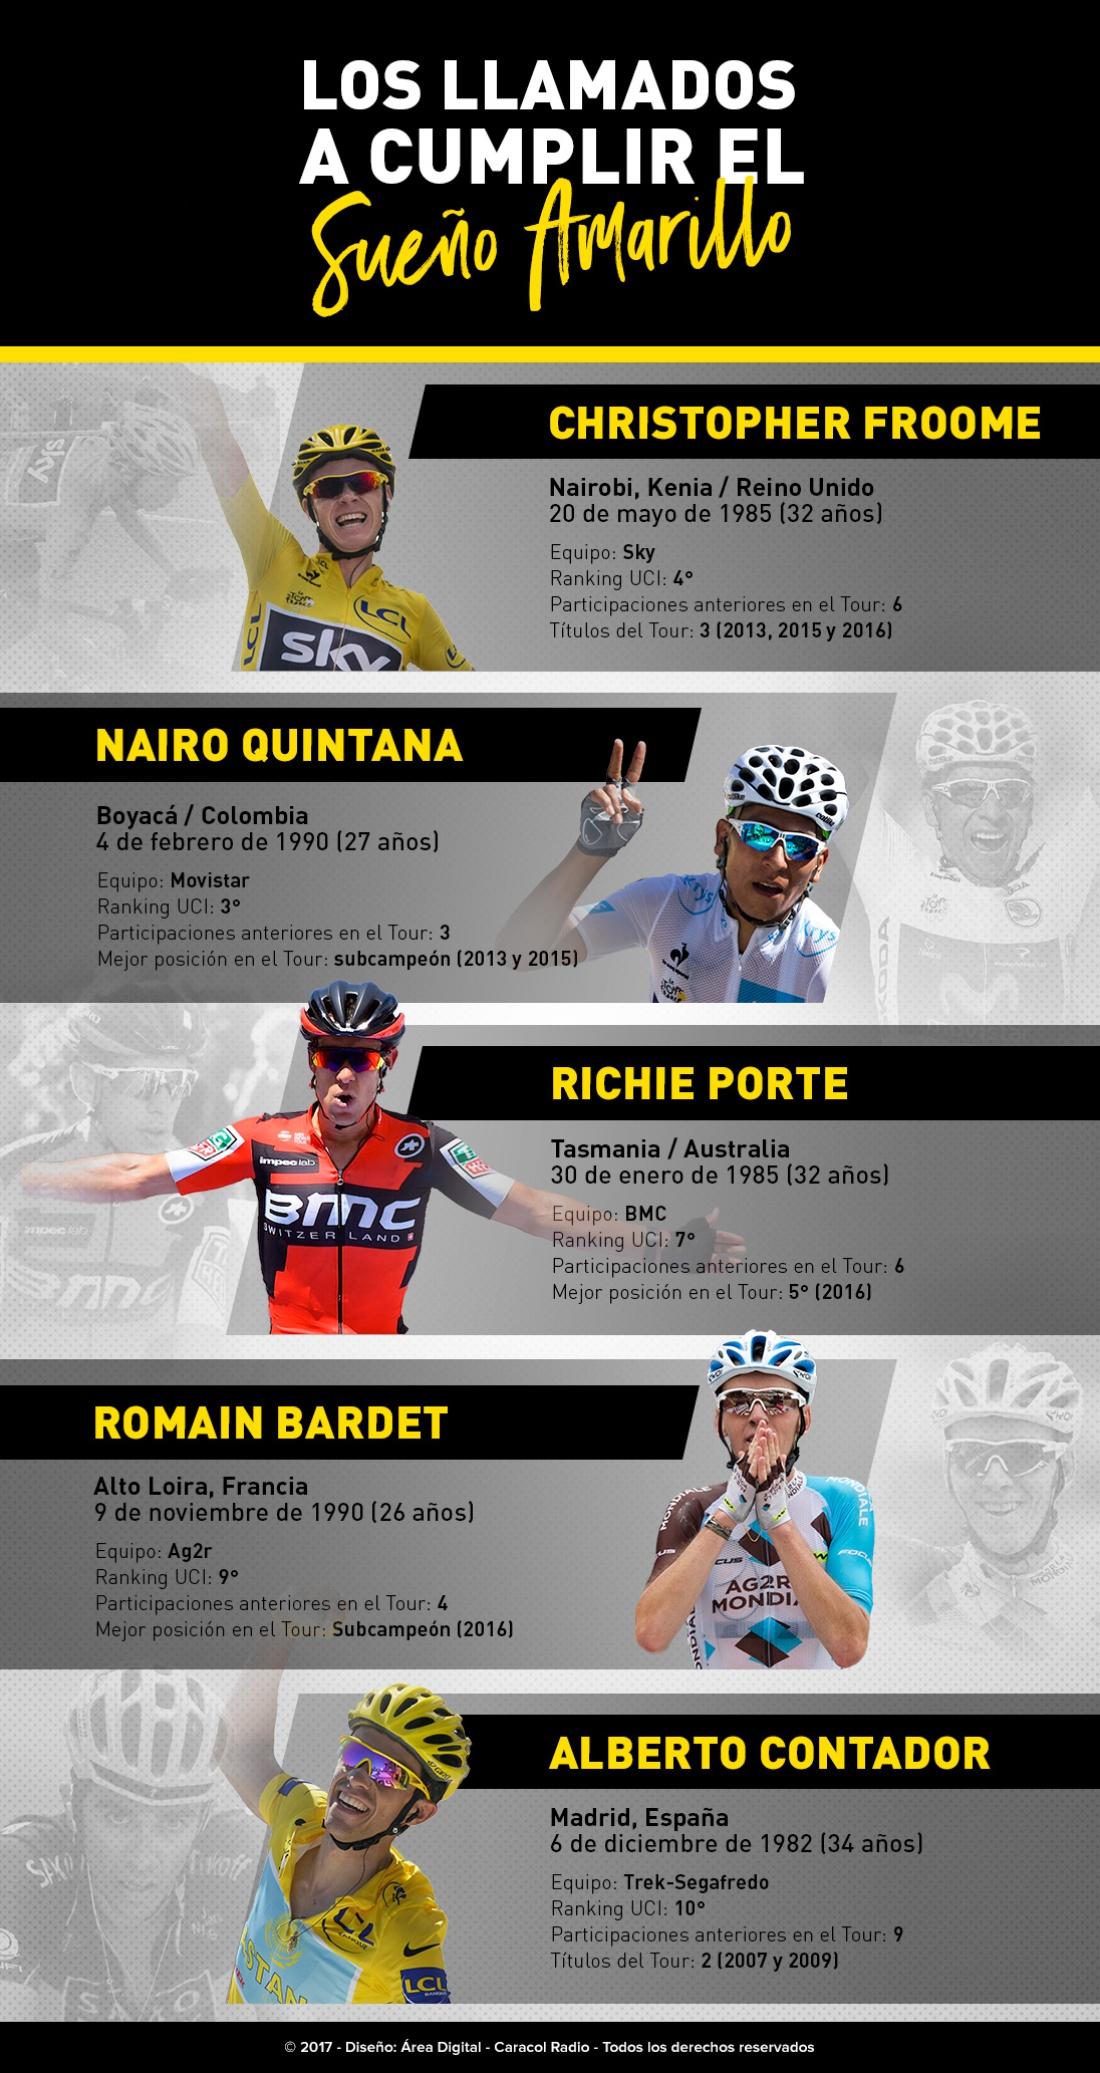 Tour de Francia favoritos: Los favoritos para quedarse con el Tour de Francia